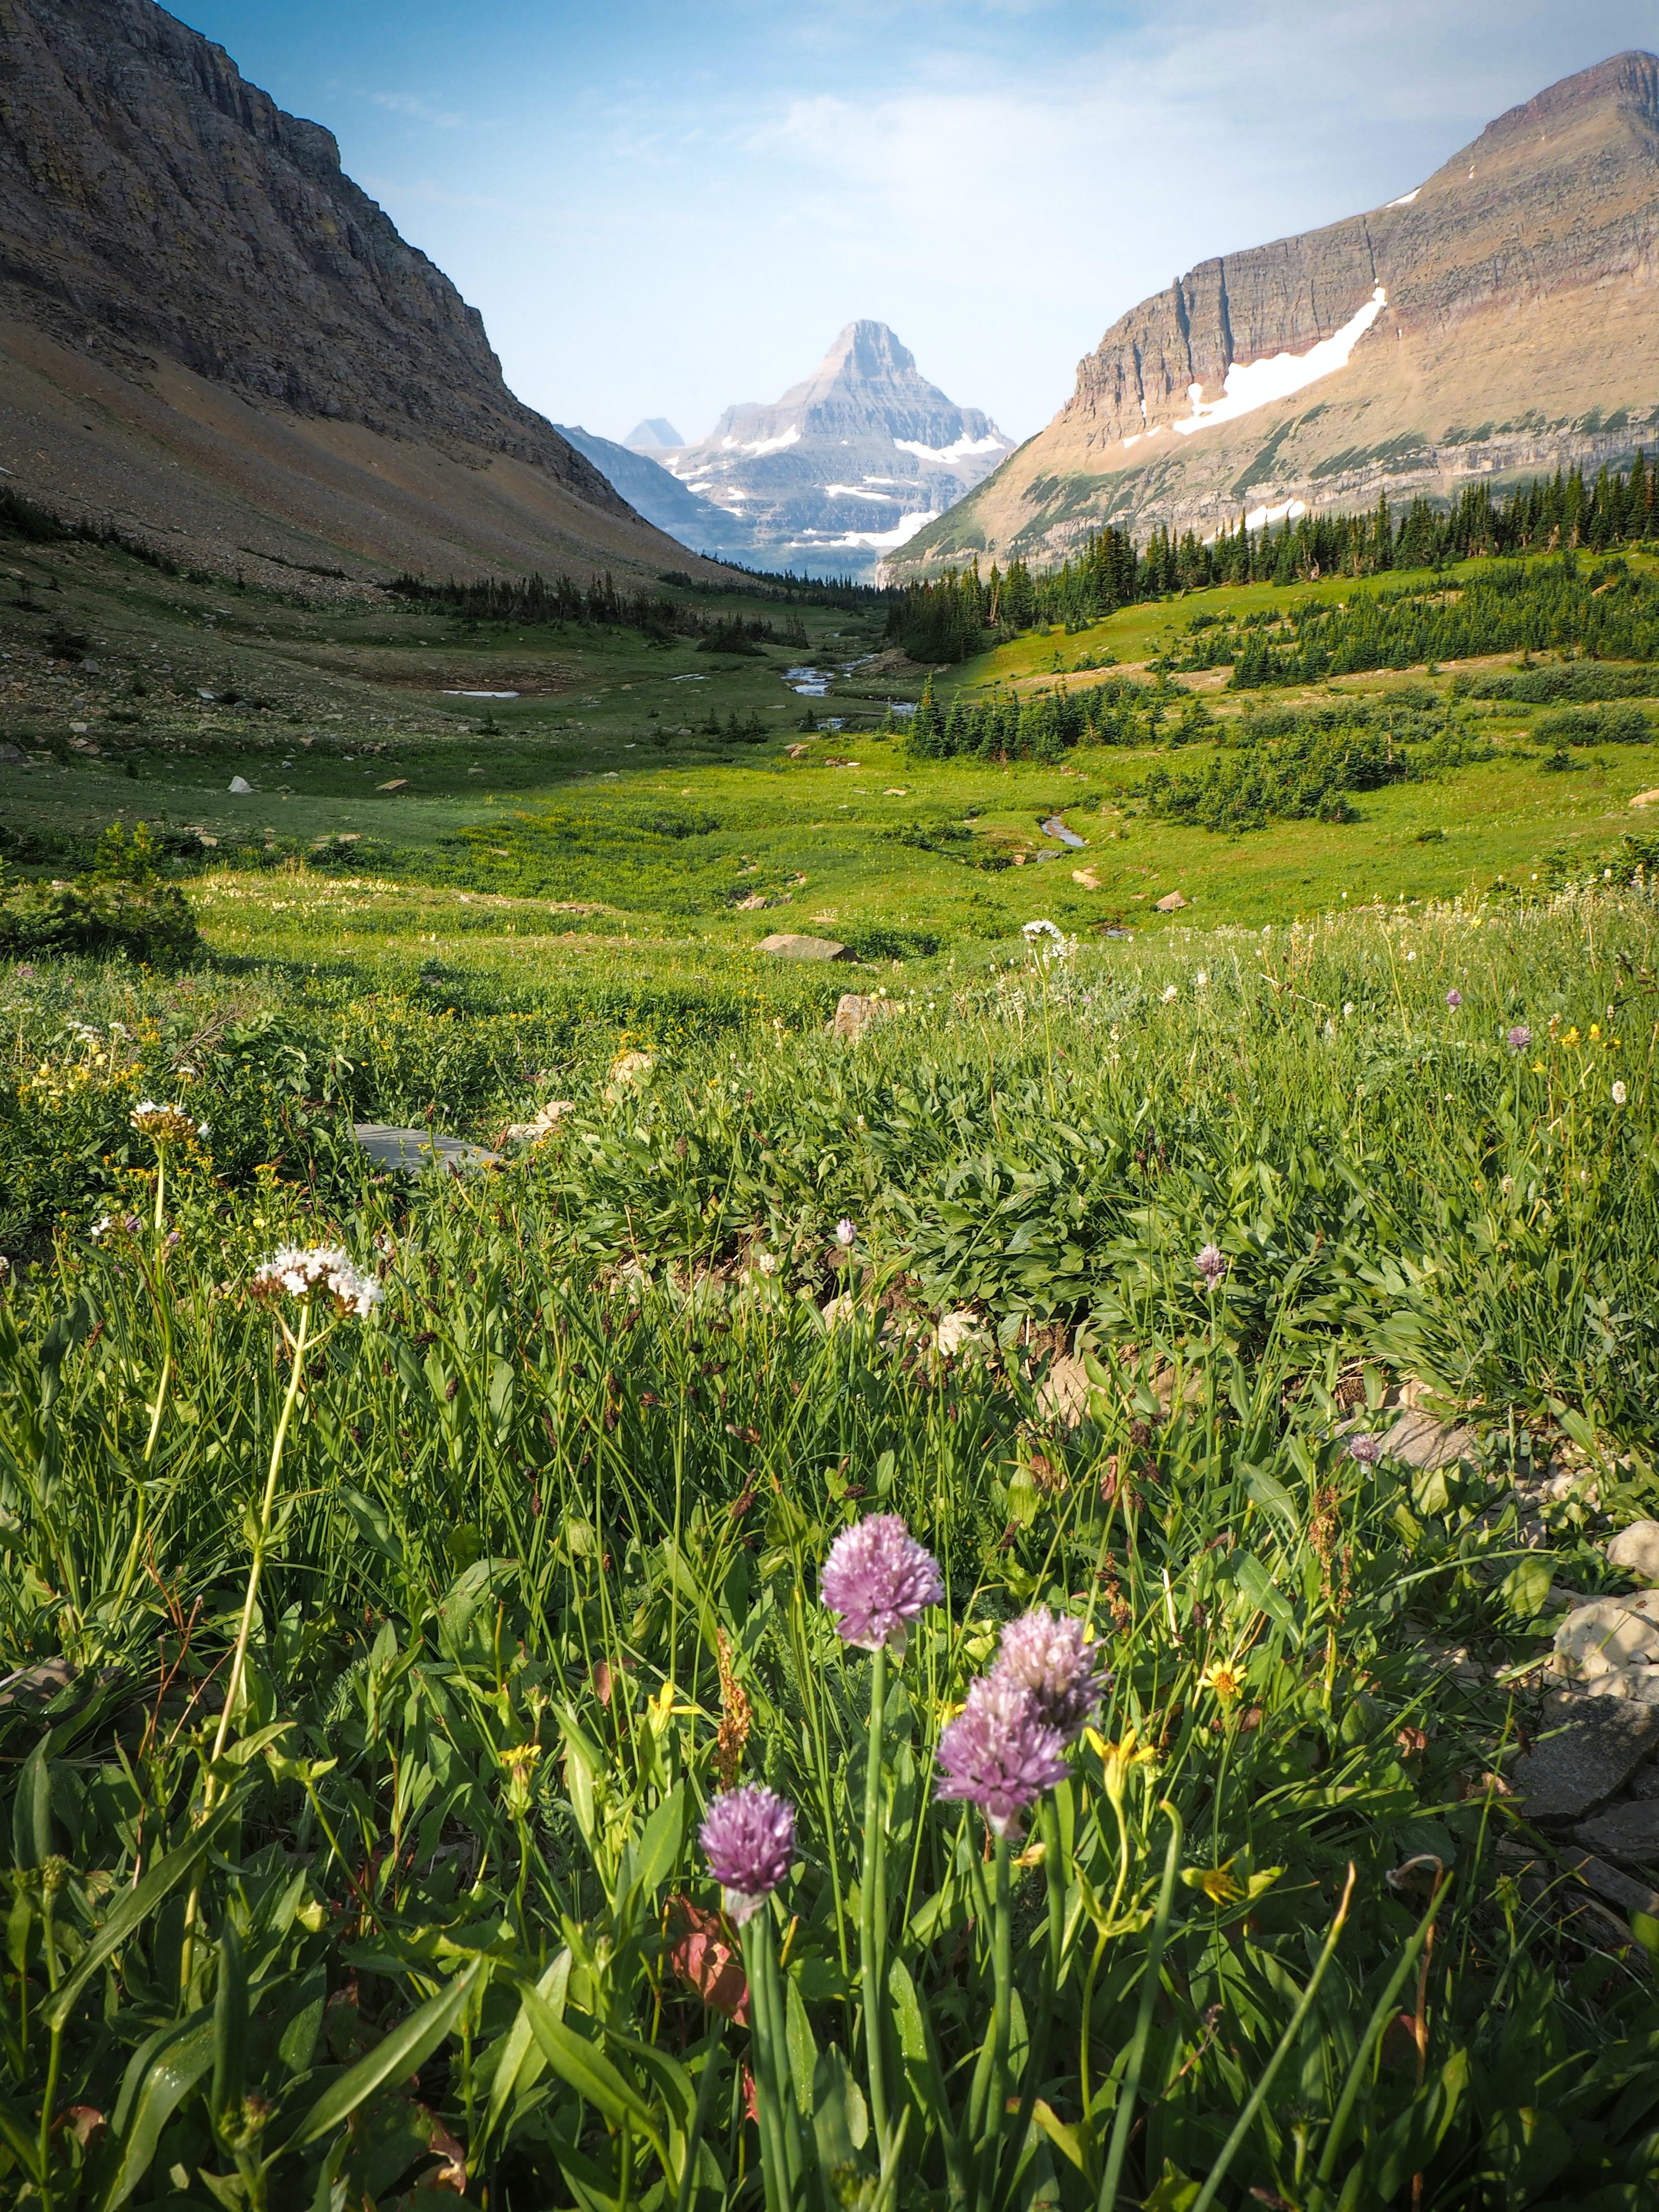 green grass between mountains